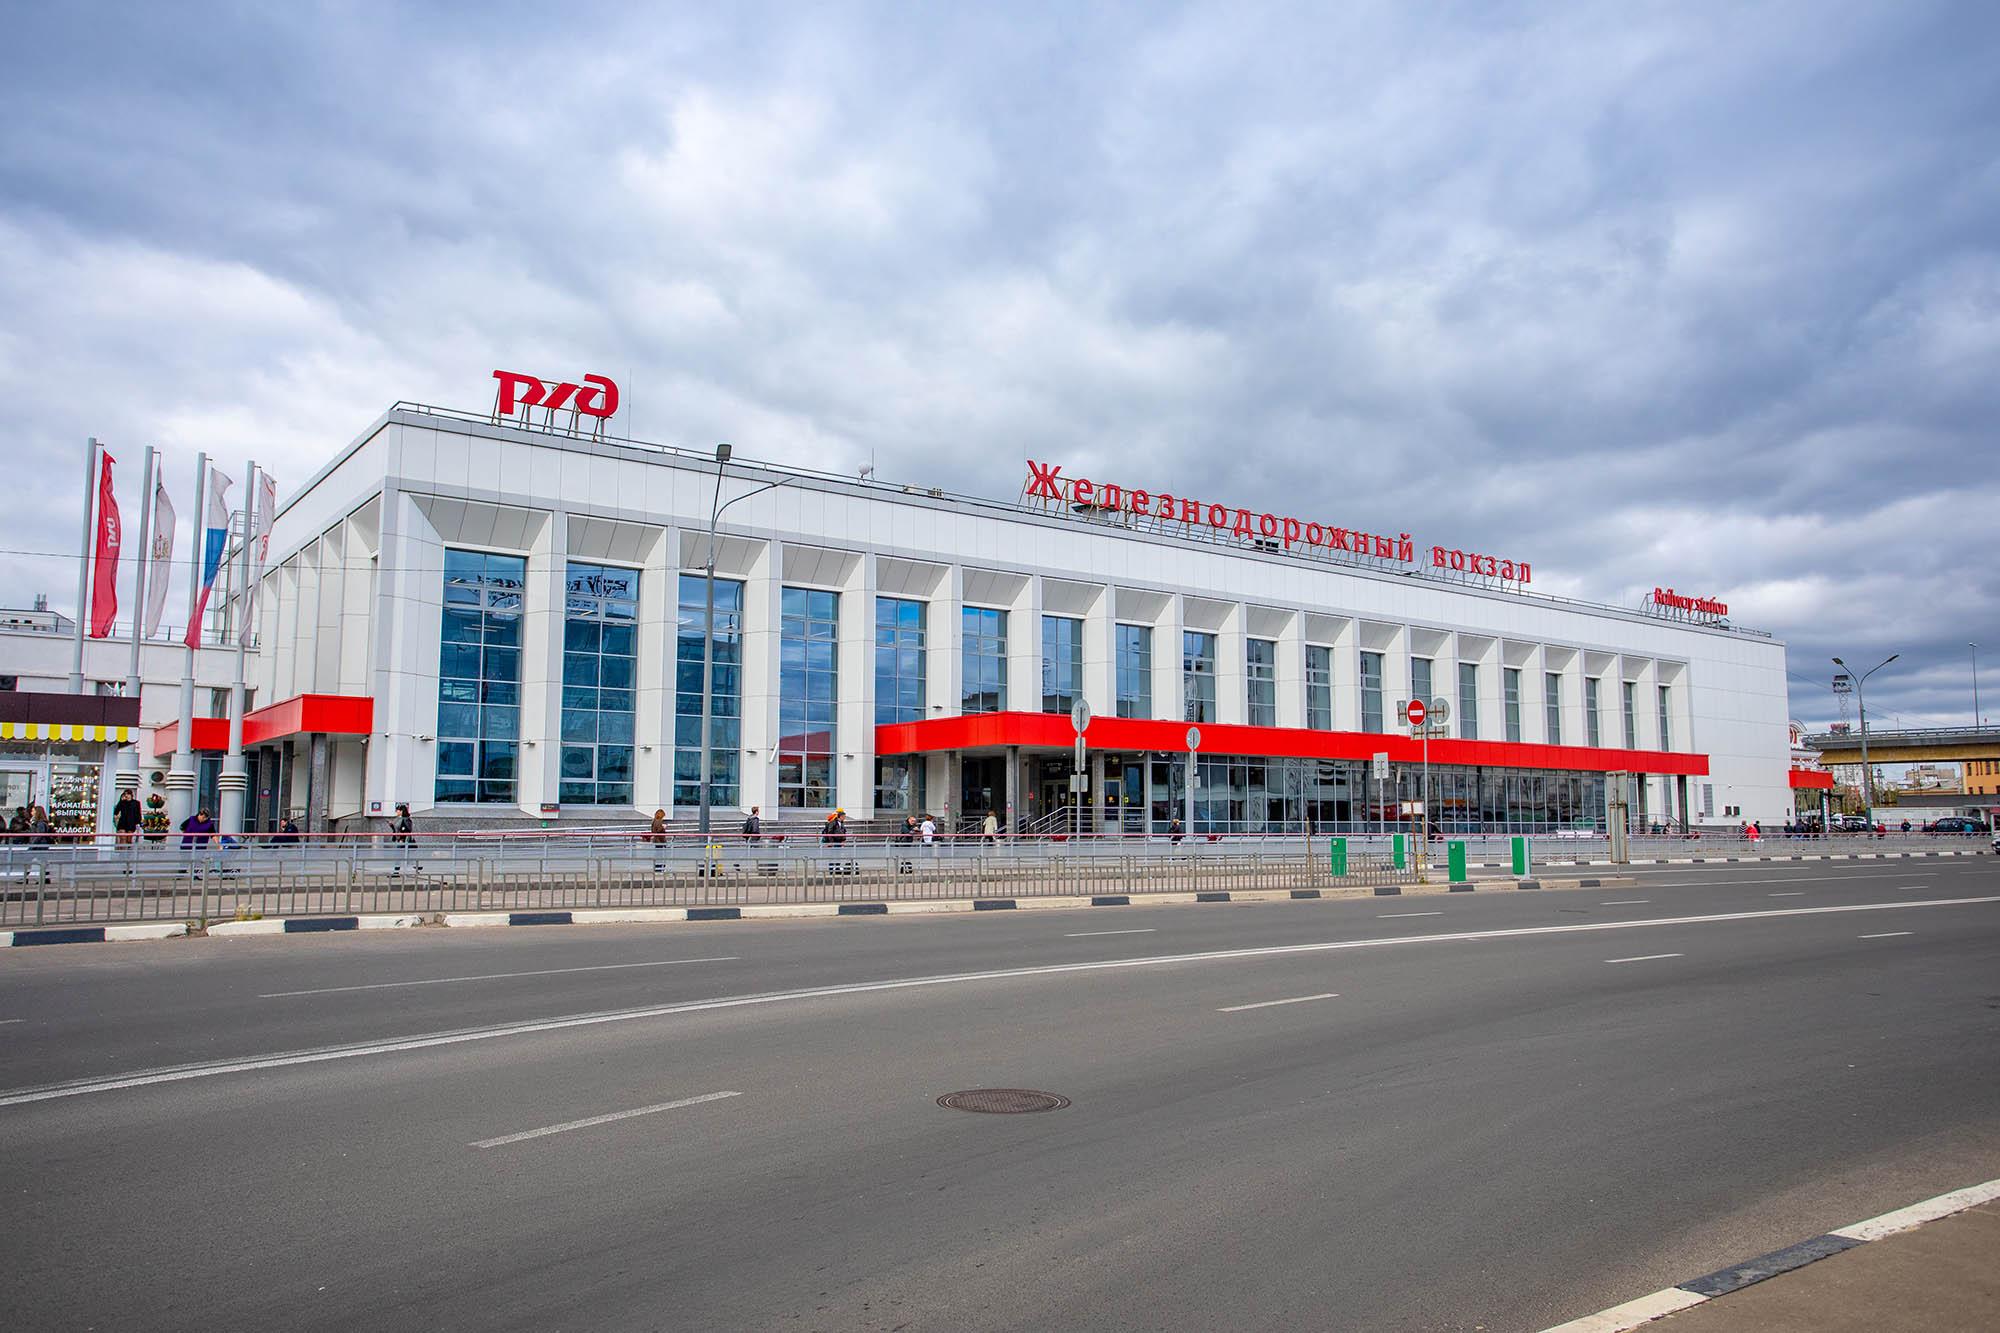 Экскурсии по маршруту городской электрички пройдут в Нижнем Новгороде 23 и 24 апреля